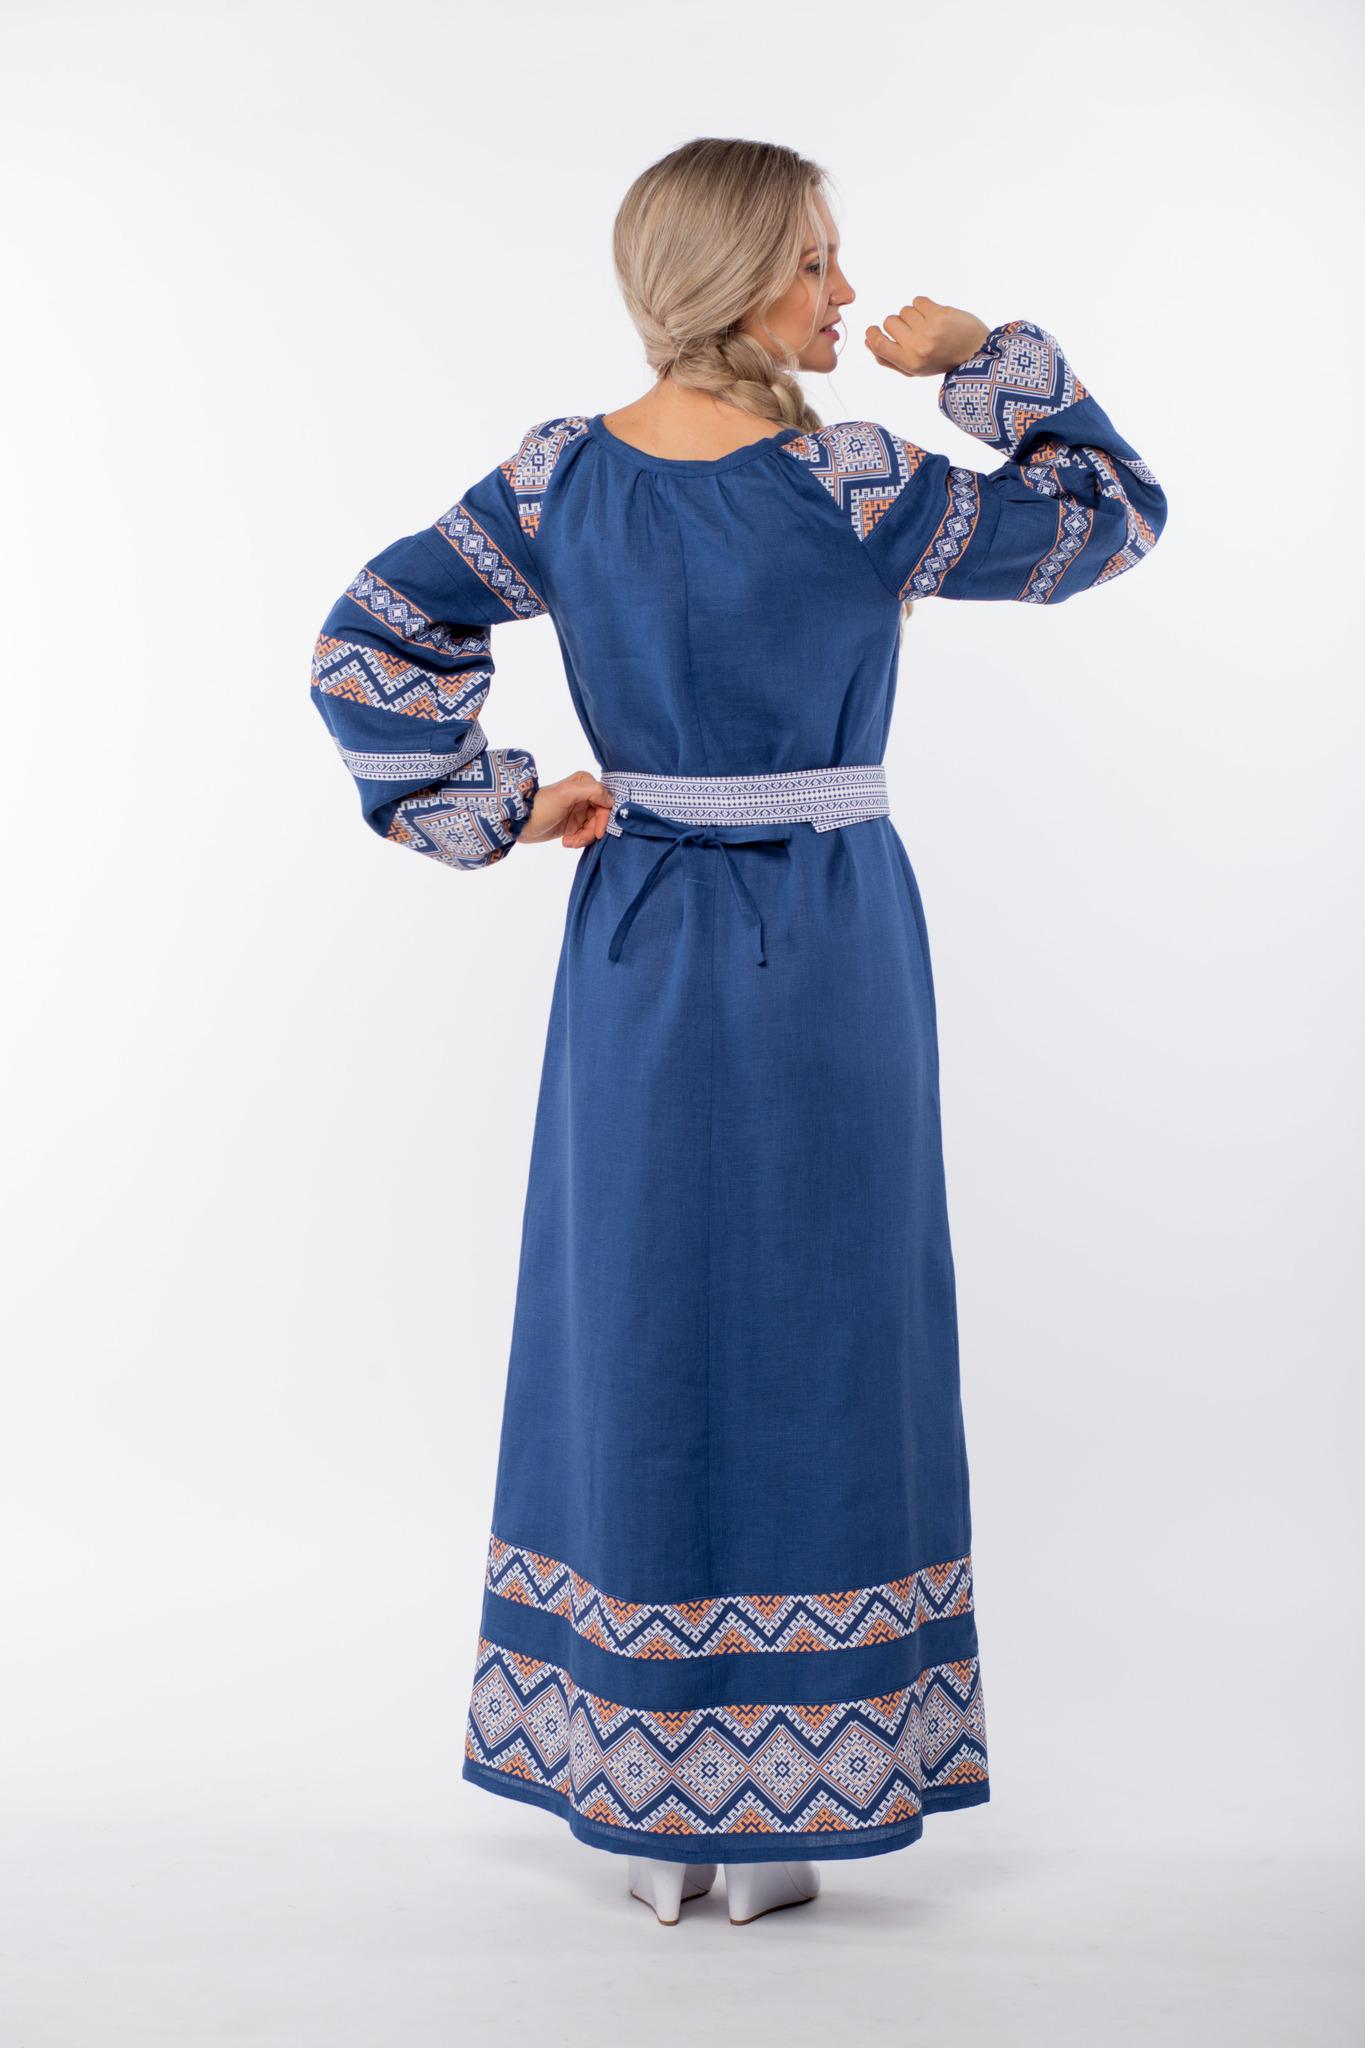 Платье льняное Алтайское вид сзади